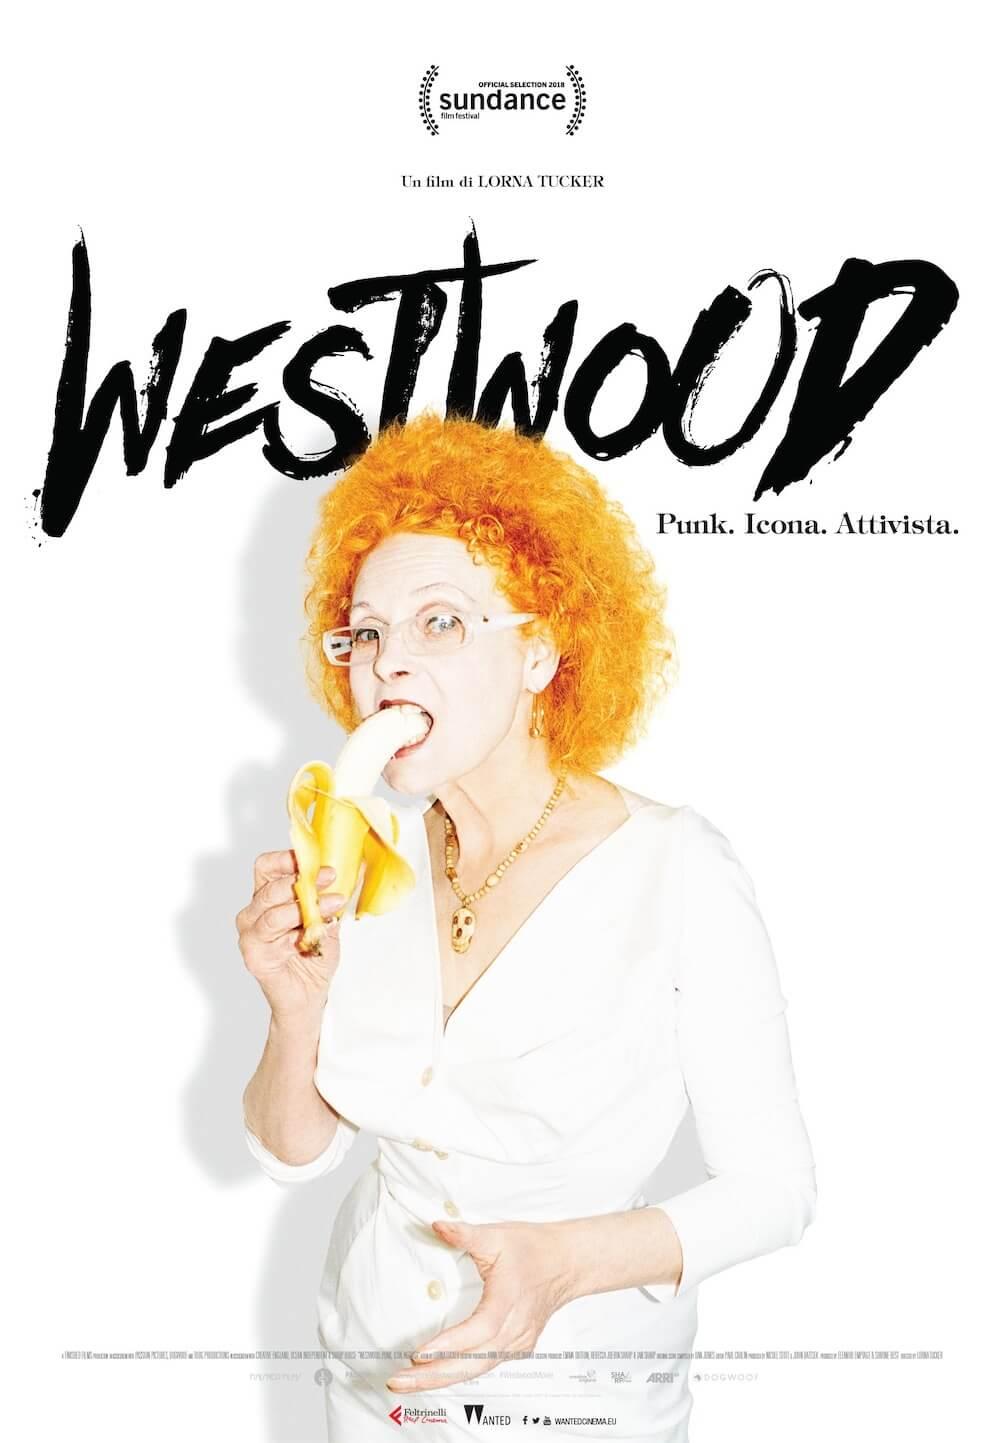 Westwood. Punk. Icona. Attivista - poster